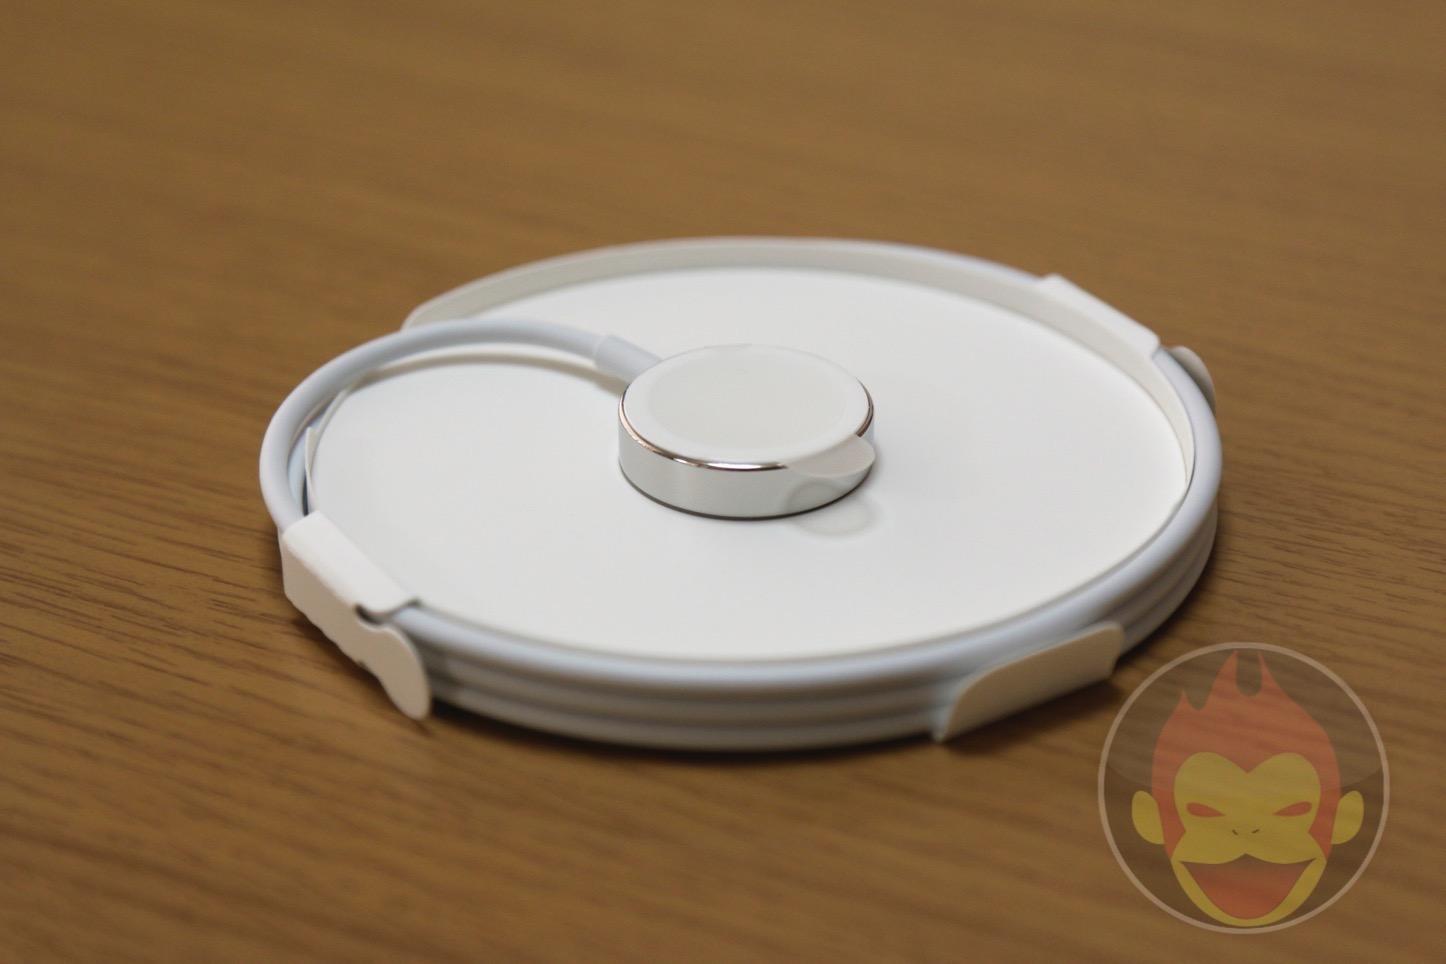 Apple Watch マグネット式充電器